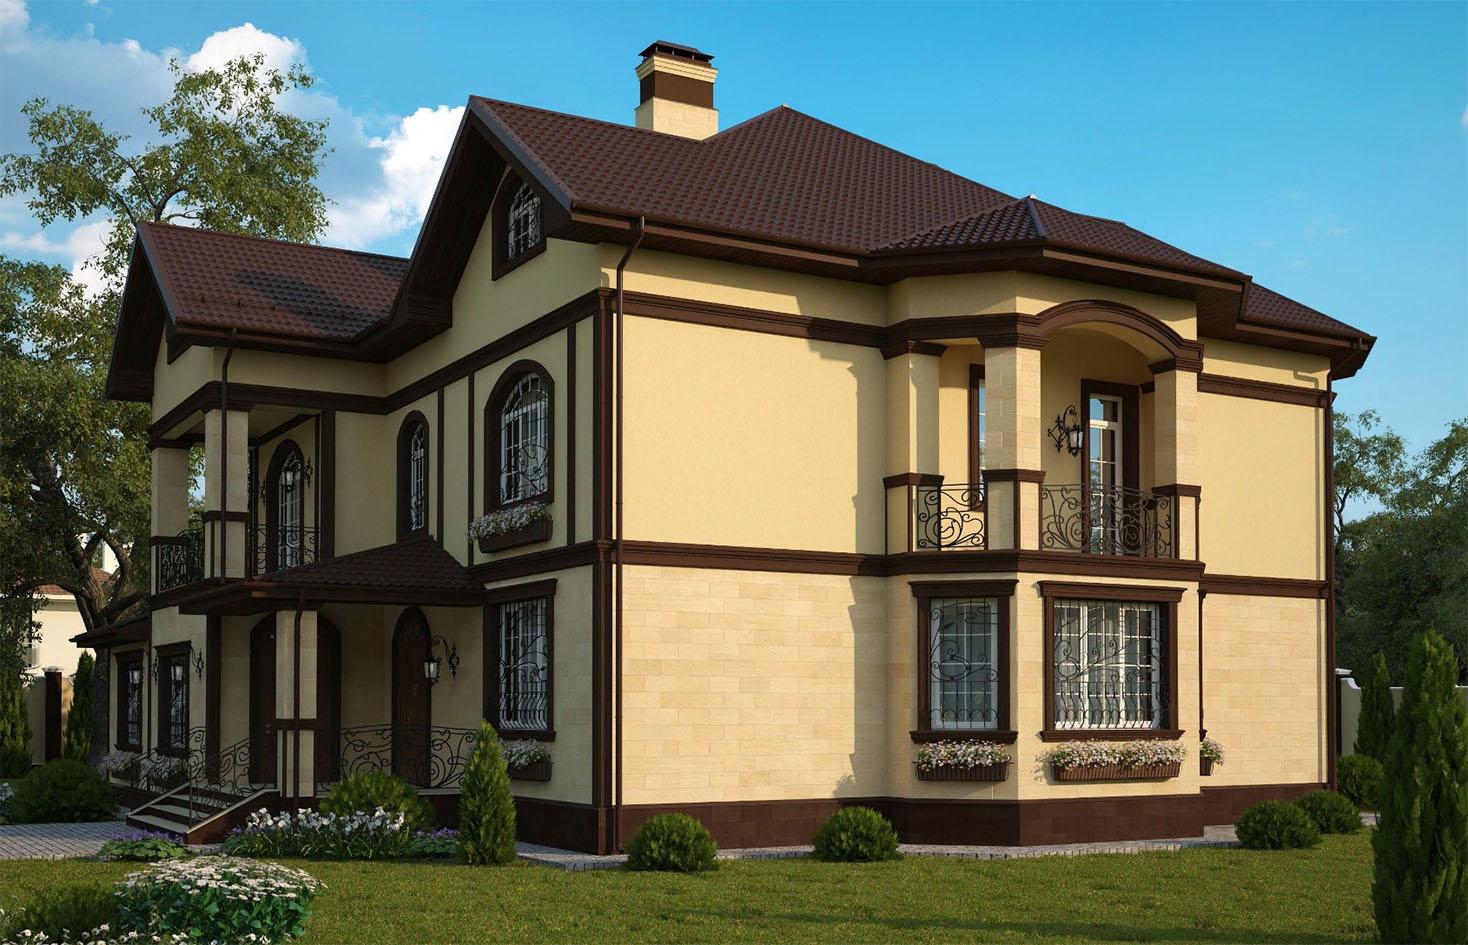 Делаем фасад своего дома теплым